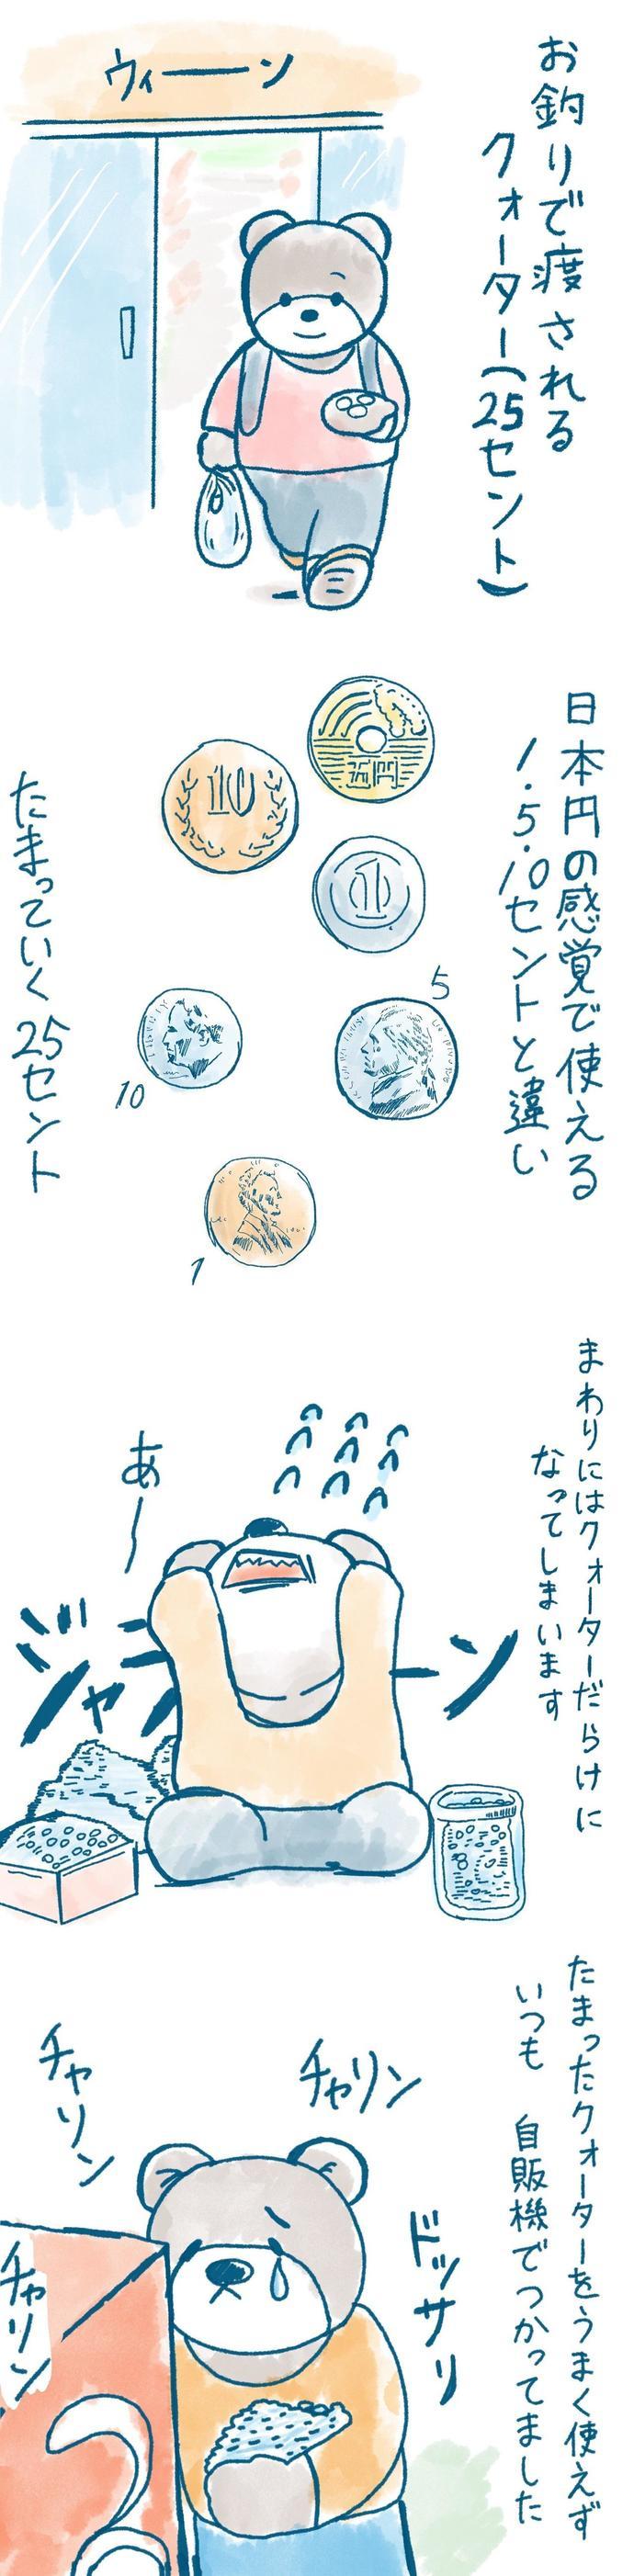 ryugakuma_04_1280.jpg